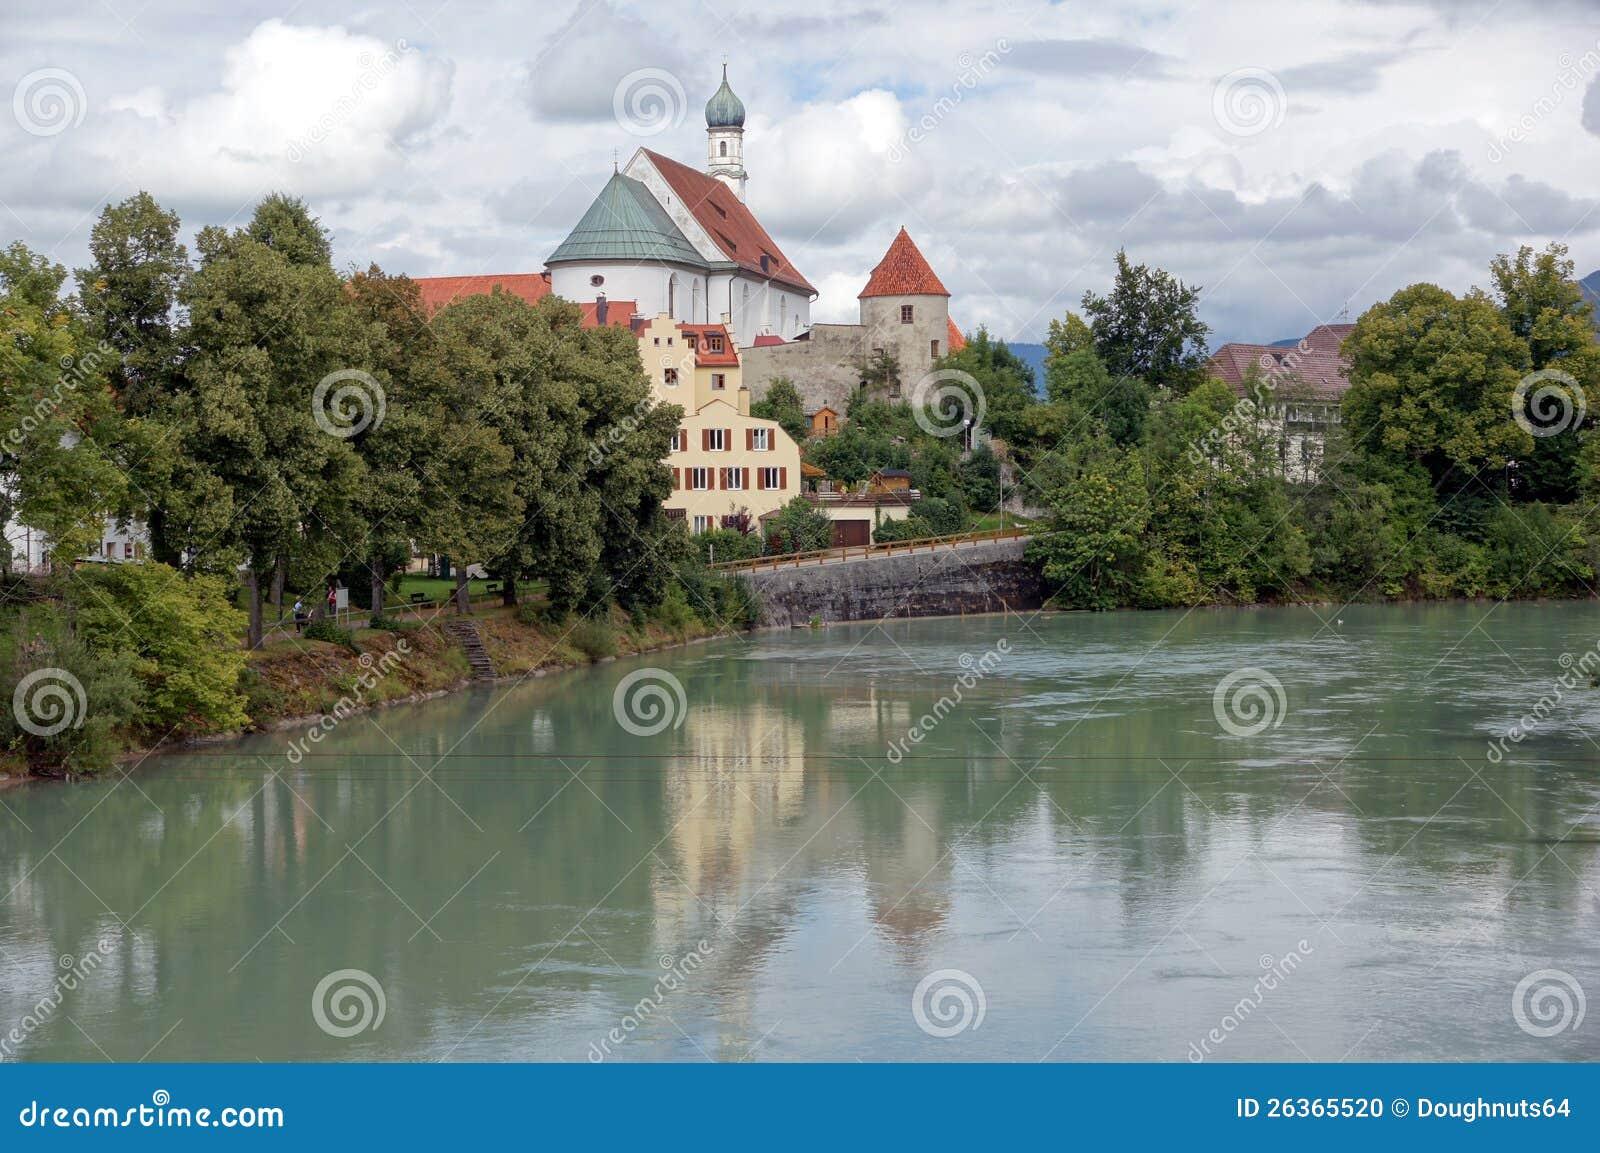 Fransiskanerkloster - Kloster auf dem Fluss Lech